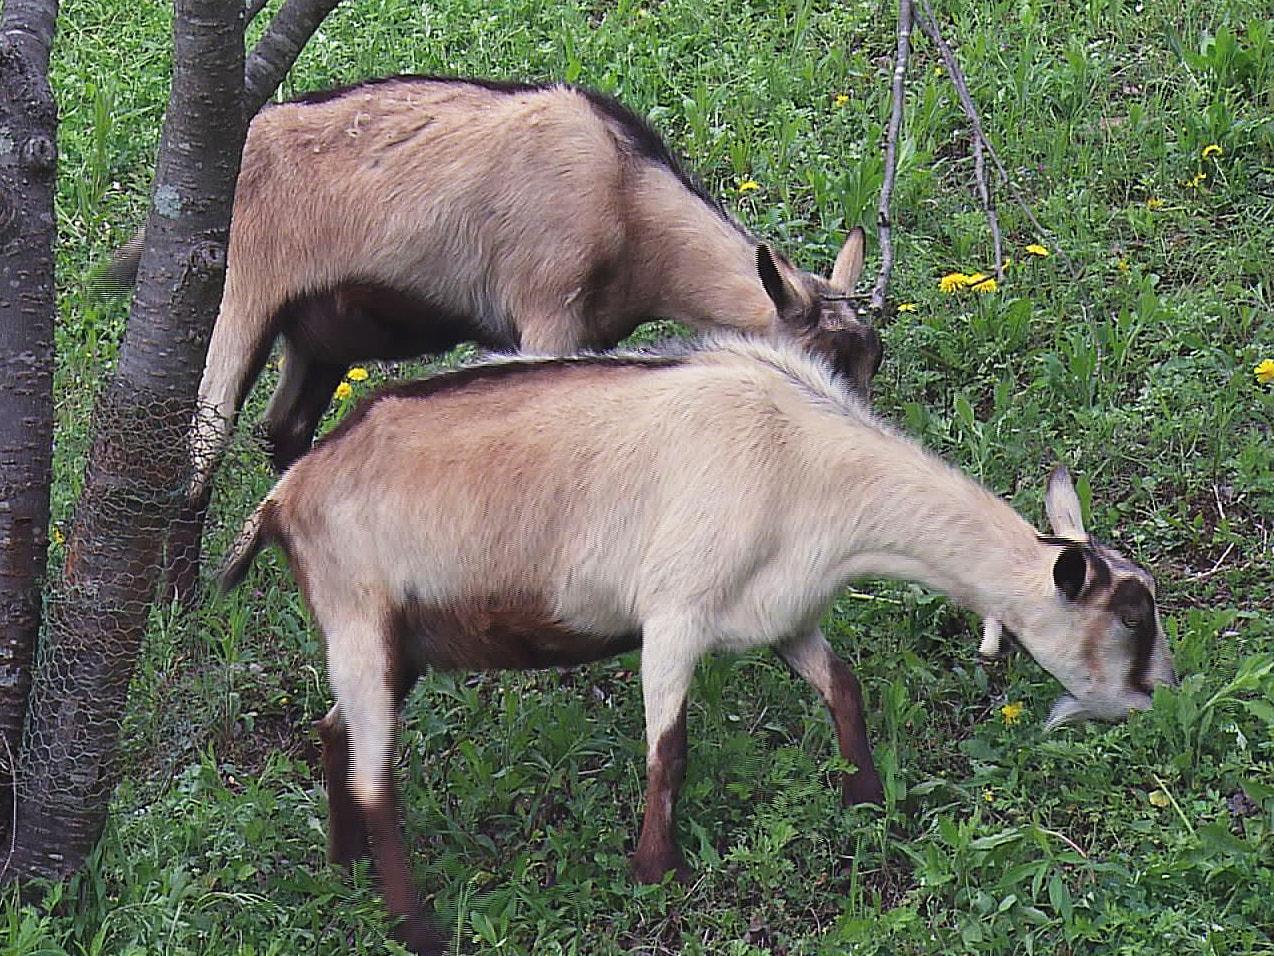 岐阜県美濃加茂市で、市民から親しみを込めて「ヤギさん除草隊」と呼ばれている公園な...